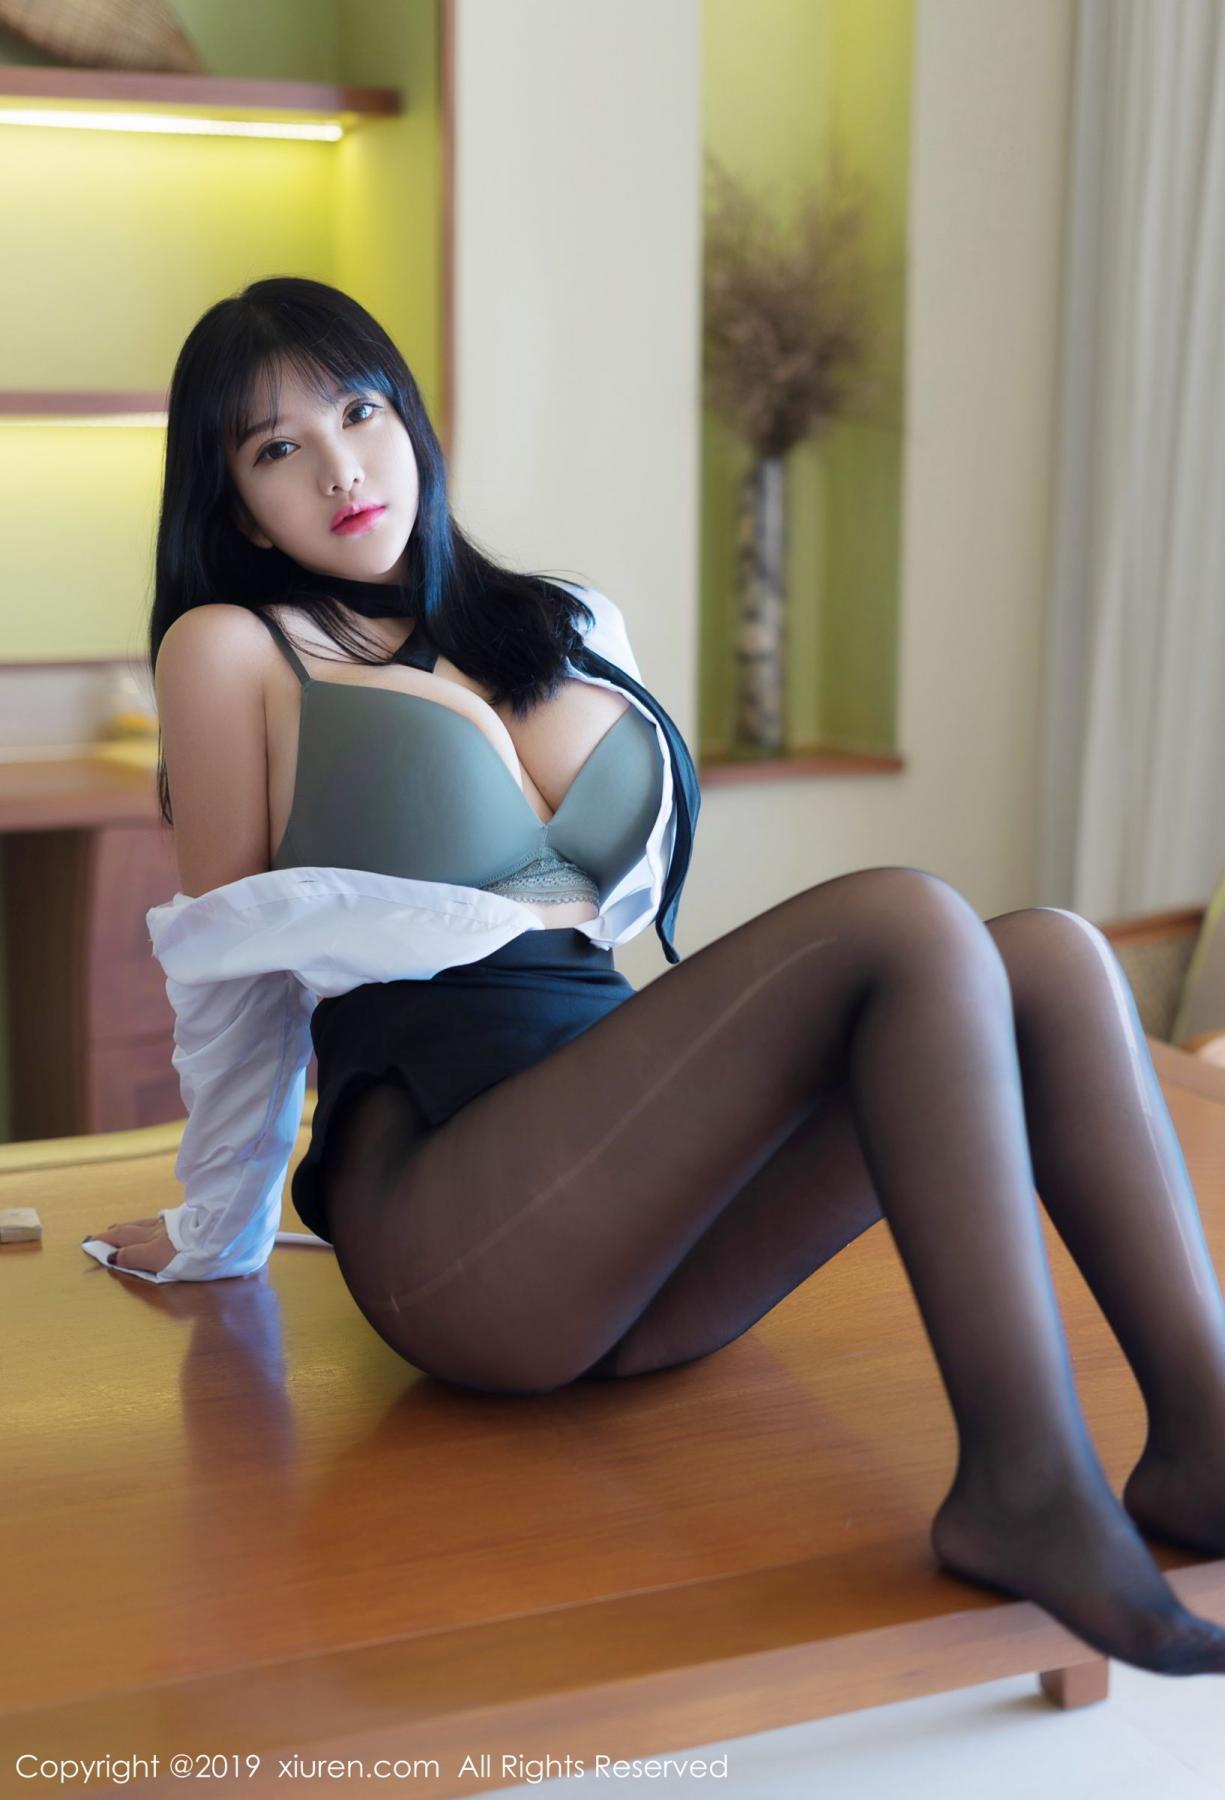 [XiuRen] Vol.1653 Lu Lu Xiao Miao 26P, Lu Lu Xiao Miao, Underwear, Xiuren